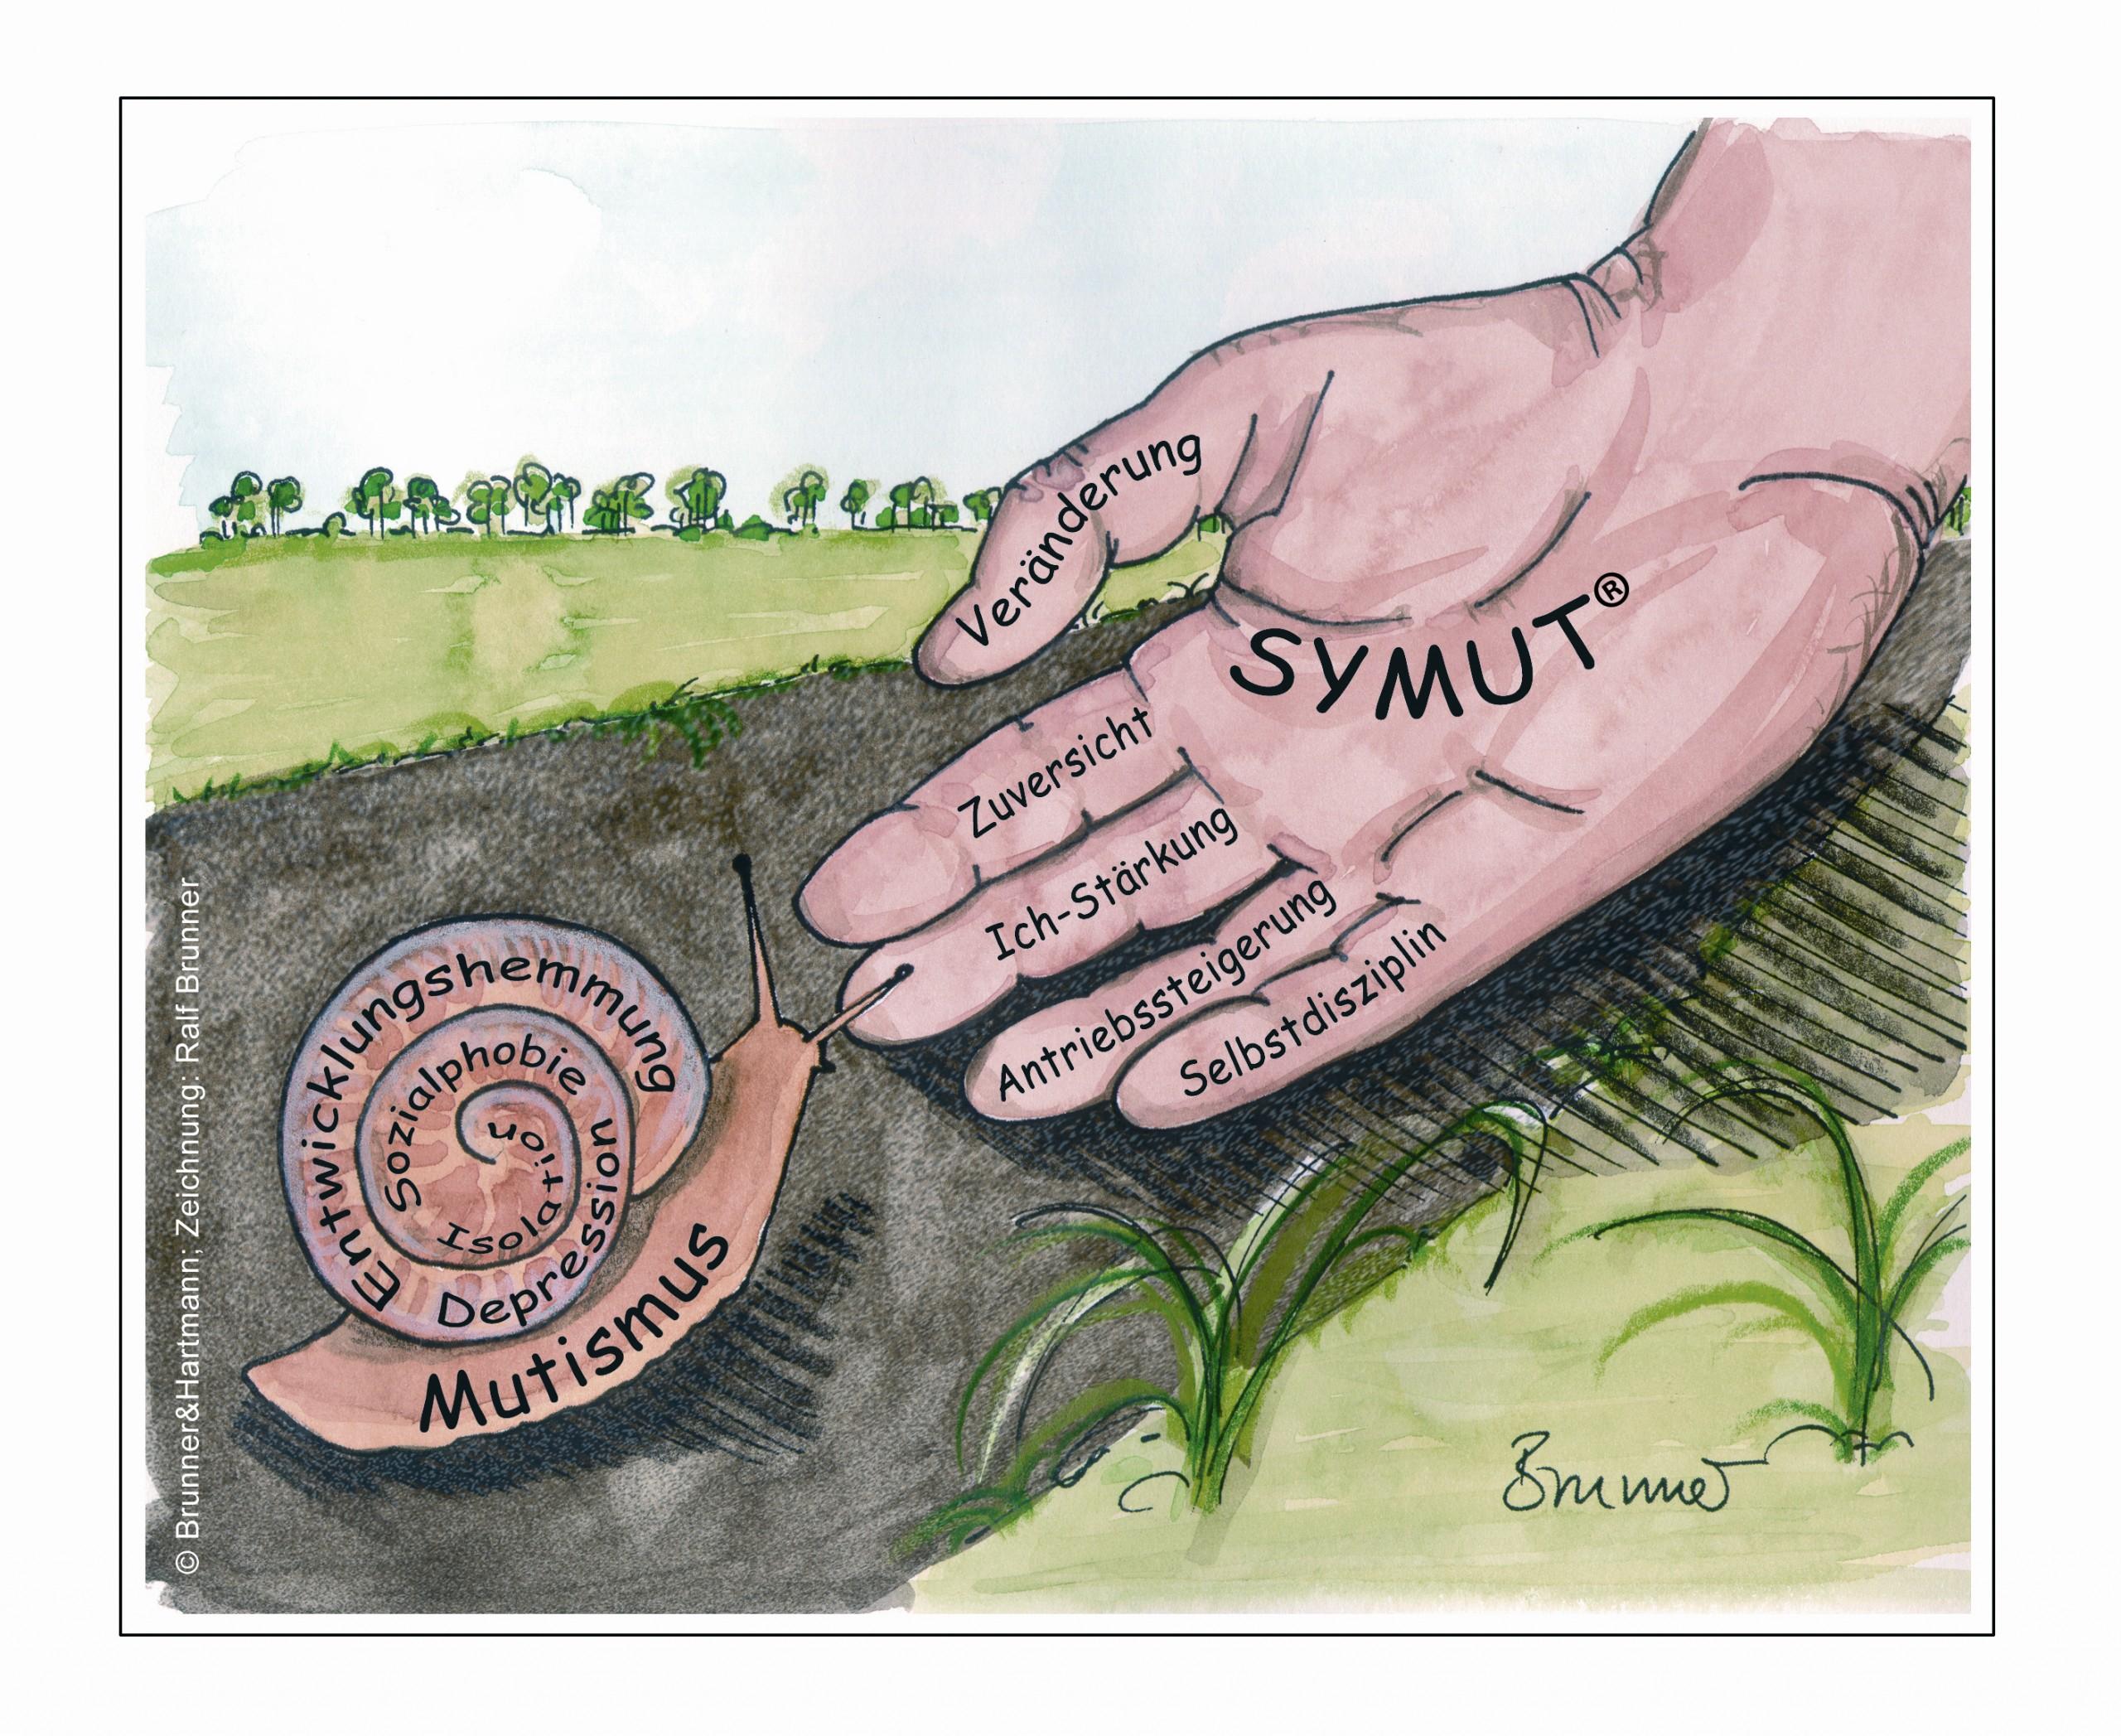 Therapeutische Grundprinzipien der Konzeption SYMUT